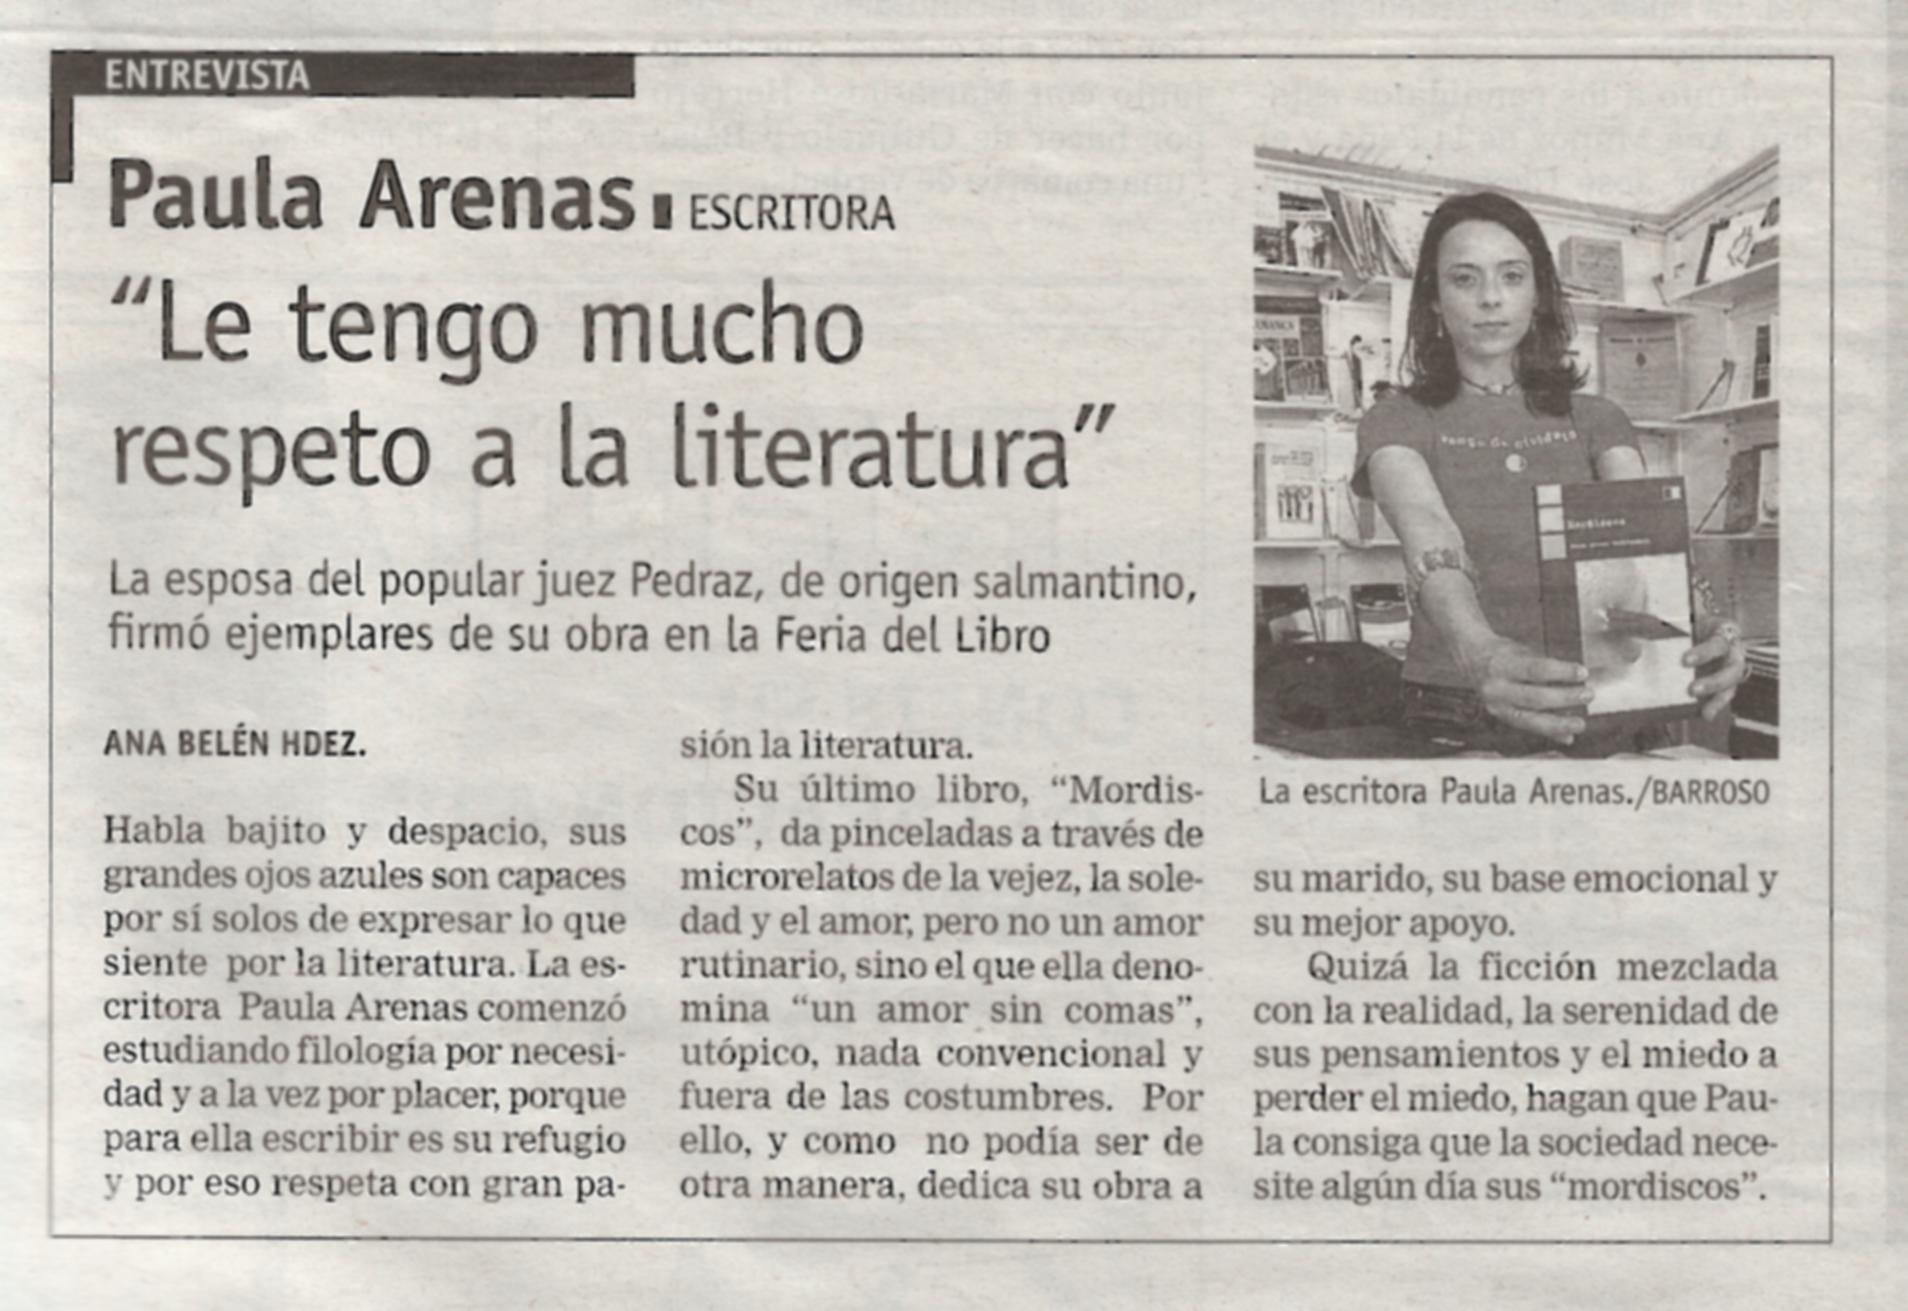 """LA GACETA DE SALAMANCA: Paula Arenas y """"Mordiscos"""" en la Feria del Libro de Salamanca."""